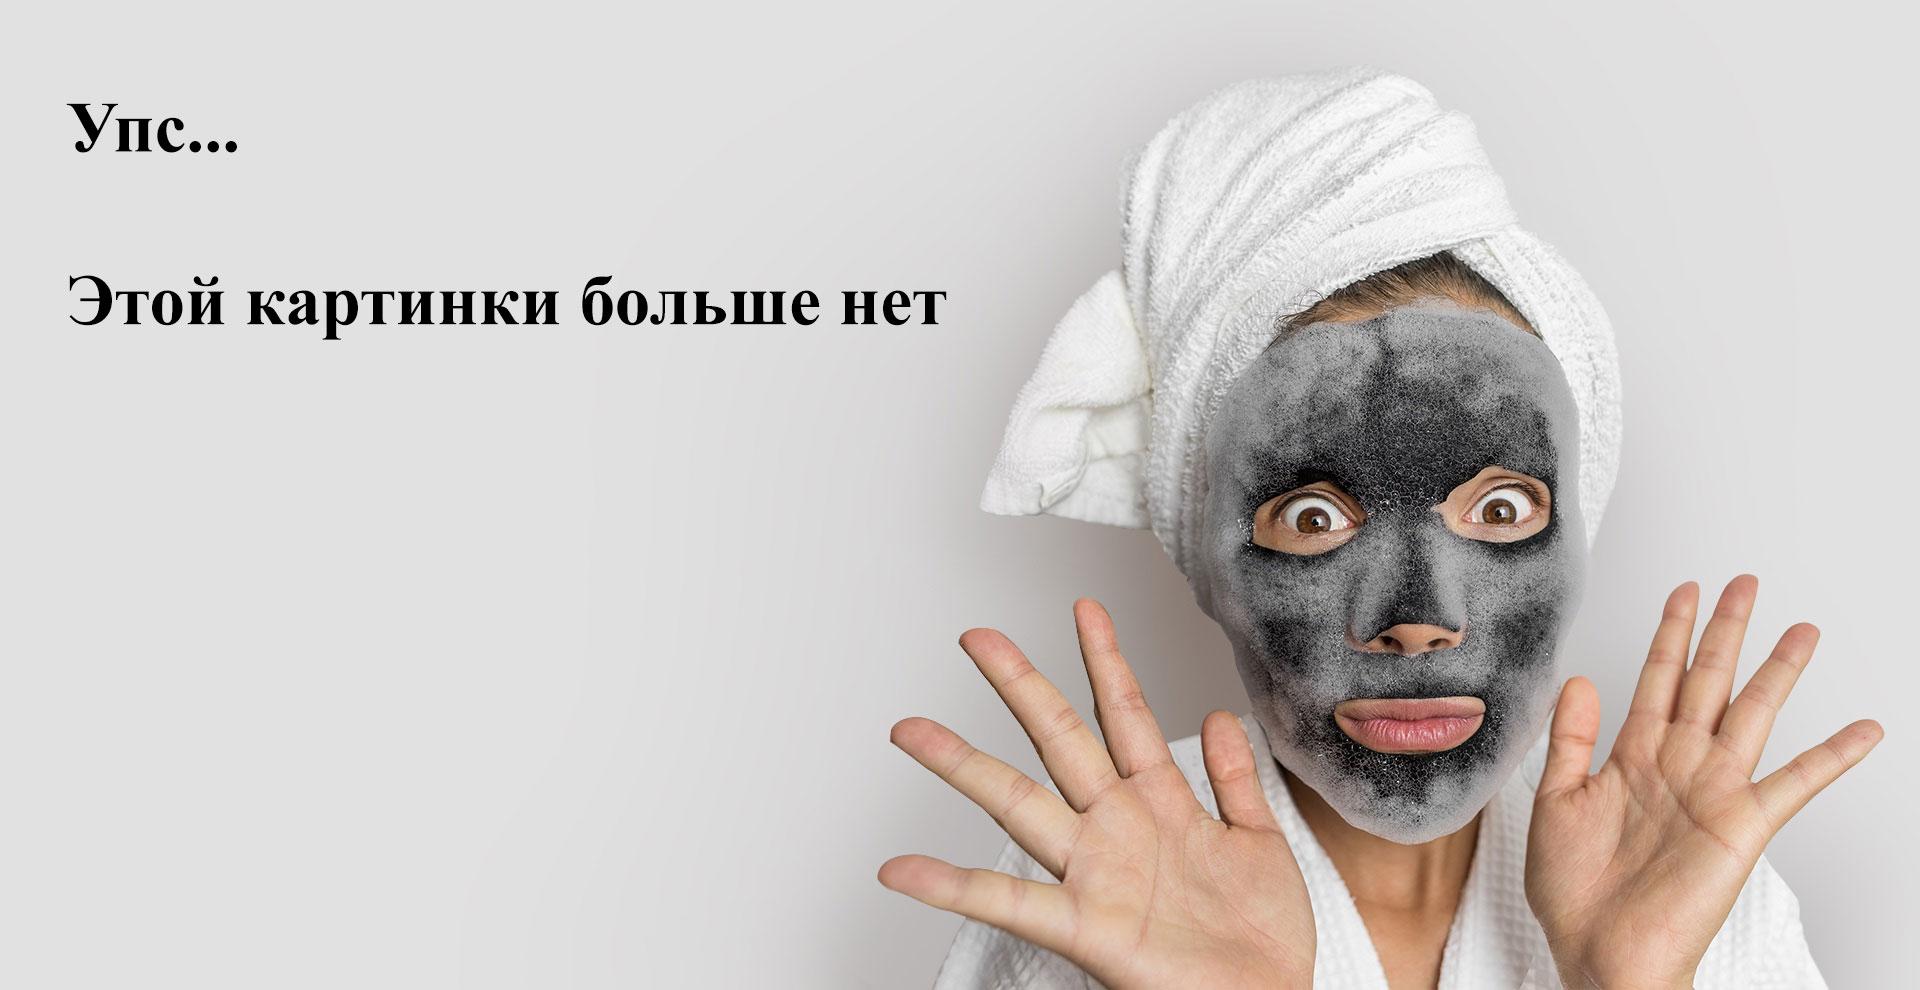 Milrish, Бальзам-кондиционер «Увлажнение и сила», 500 г